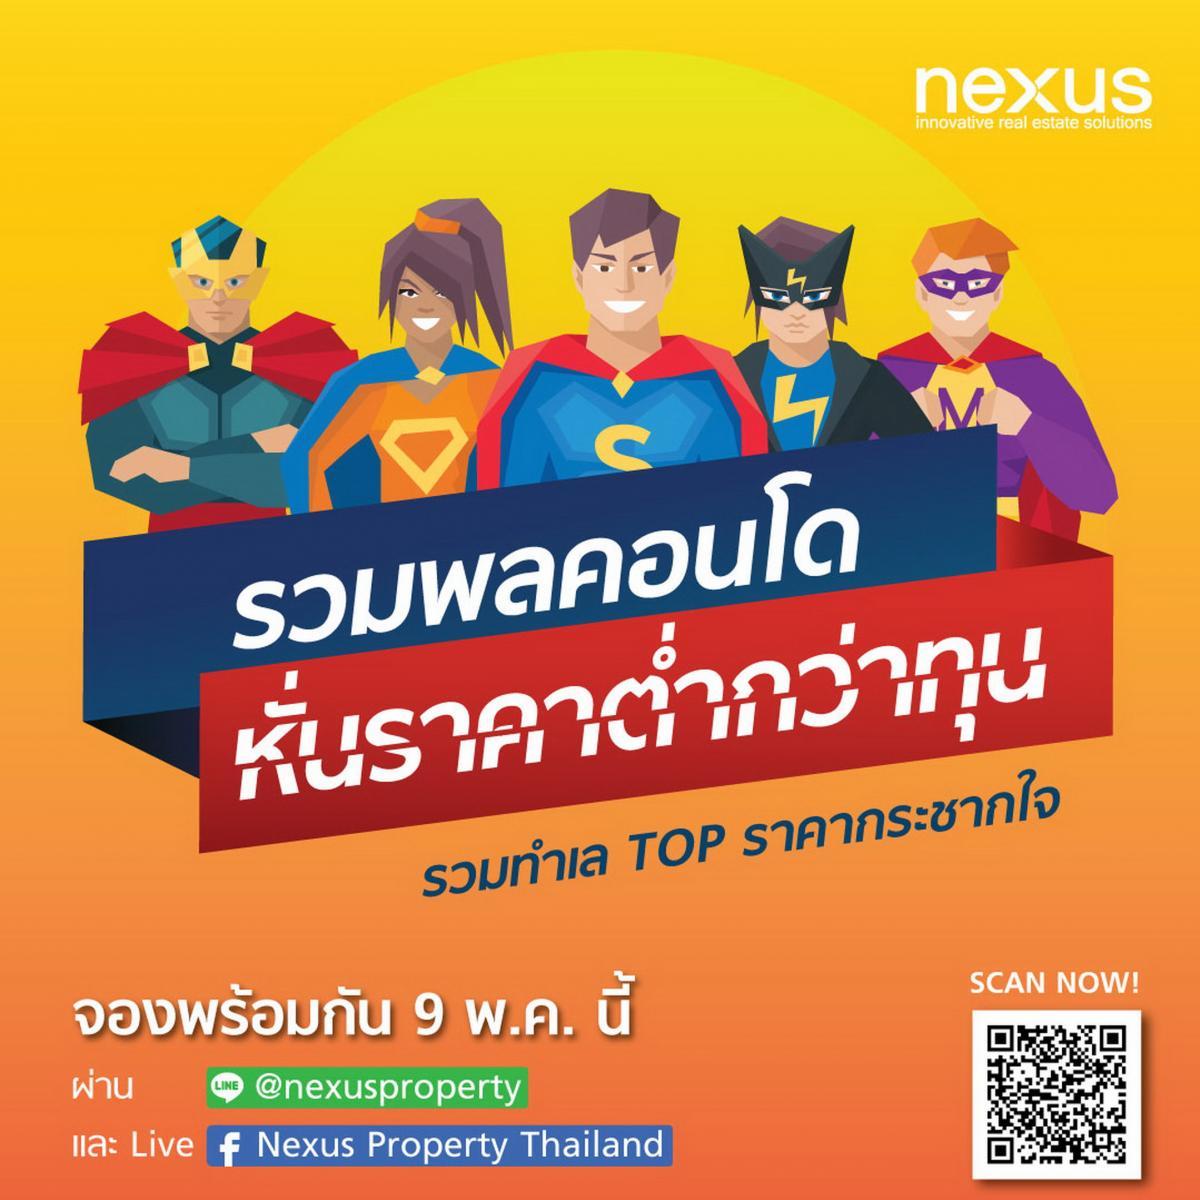 """เน็กซัส จัดแคมเปญใหญ่ """"รวมพลคอนโด หั่นราคาต่ำกว่าทุน"""" 9พ.ค. นี้ ที่ แฟนเพจ""""Nexus Property Thailand"""""""